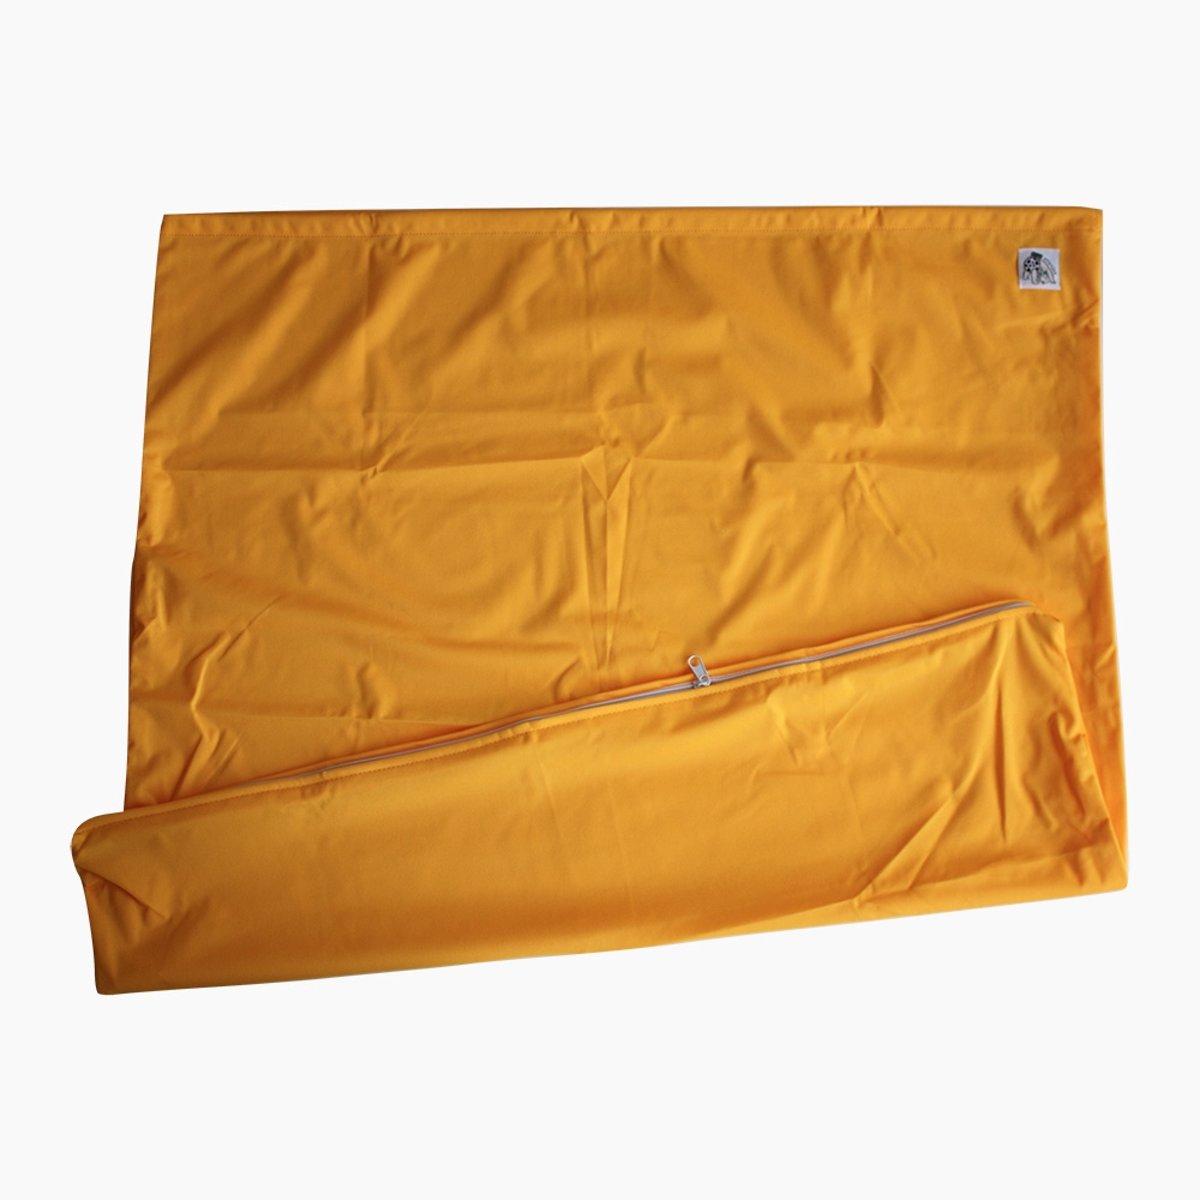 Waszak Voor Wasbare Luiers Geel kopen